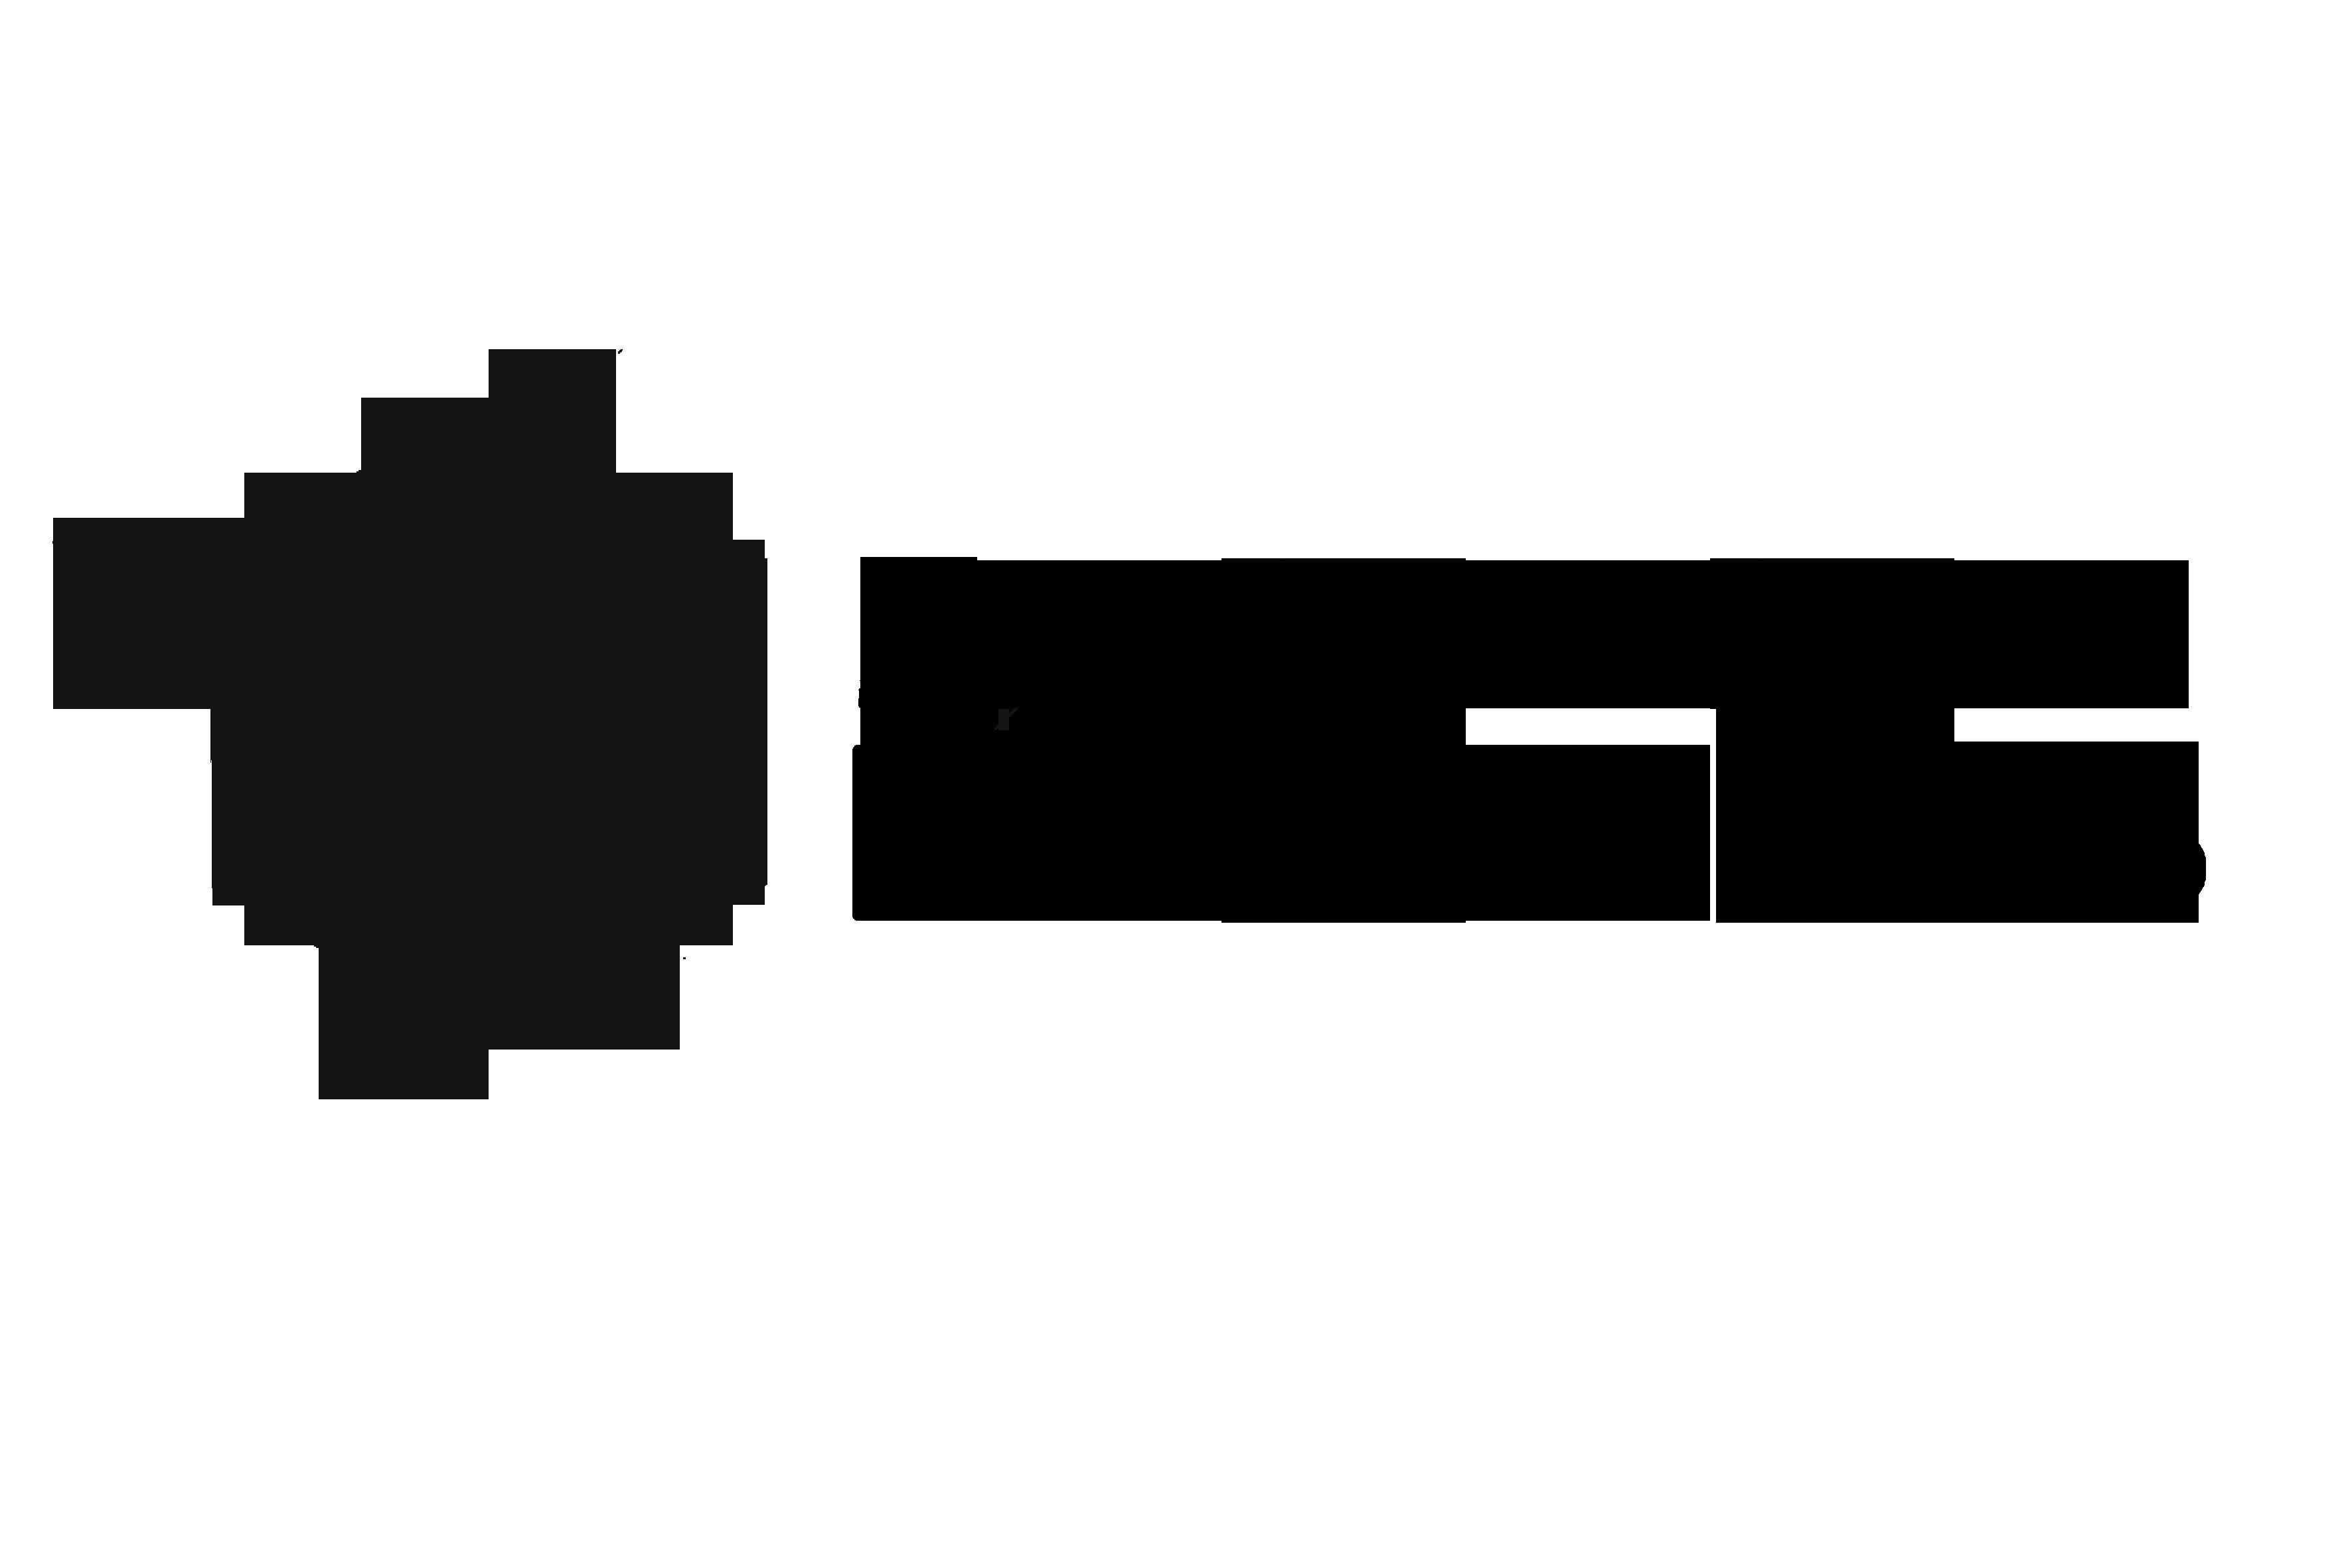 Разработка логотипа строительно-мебельного проекта (см. опис фото f_457606e7e689abe5.png